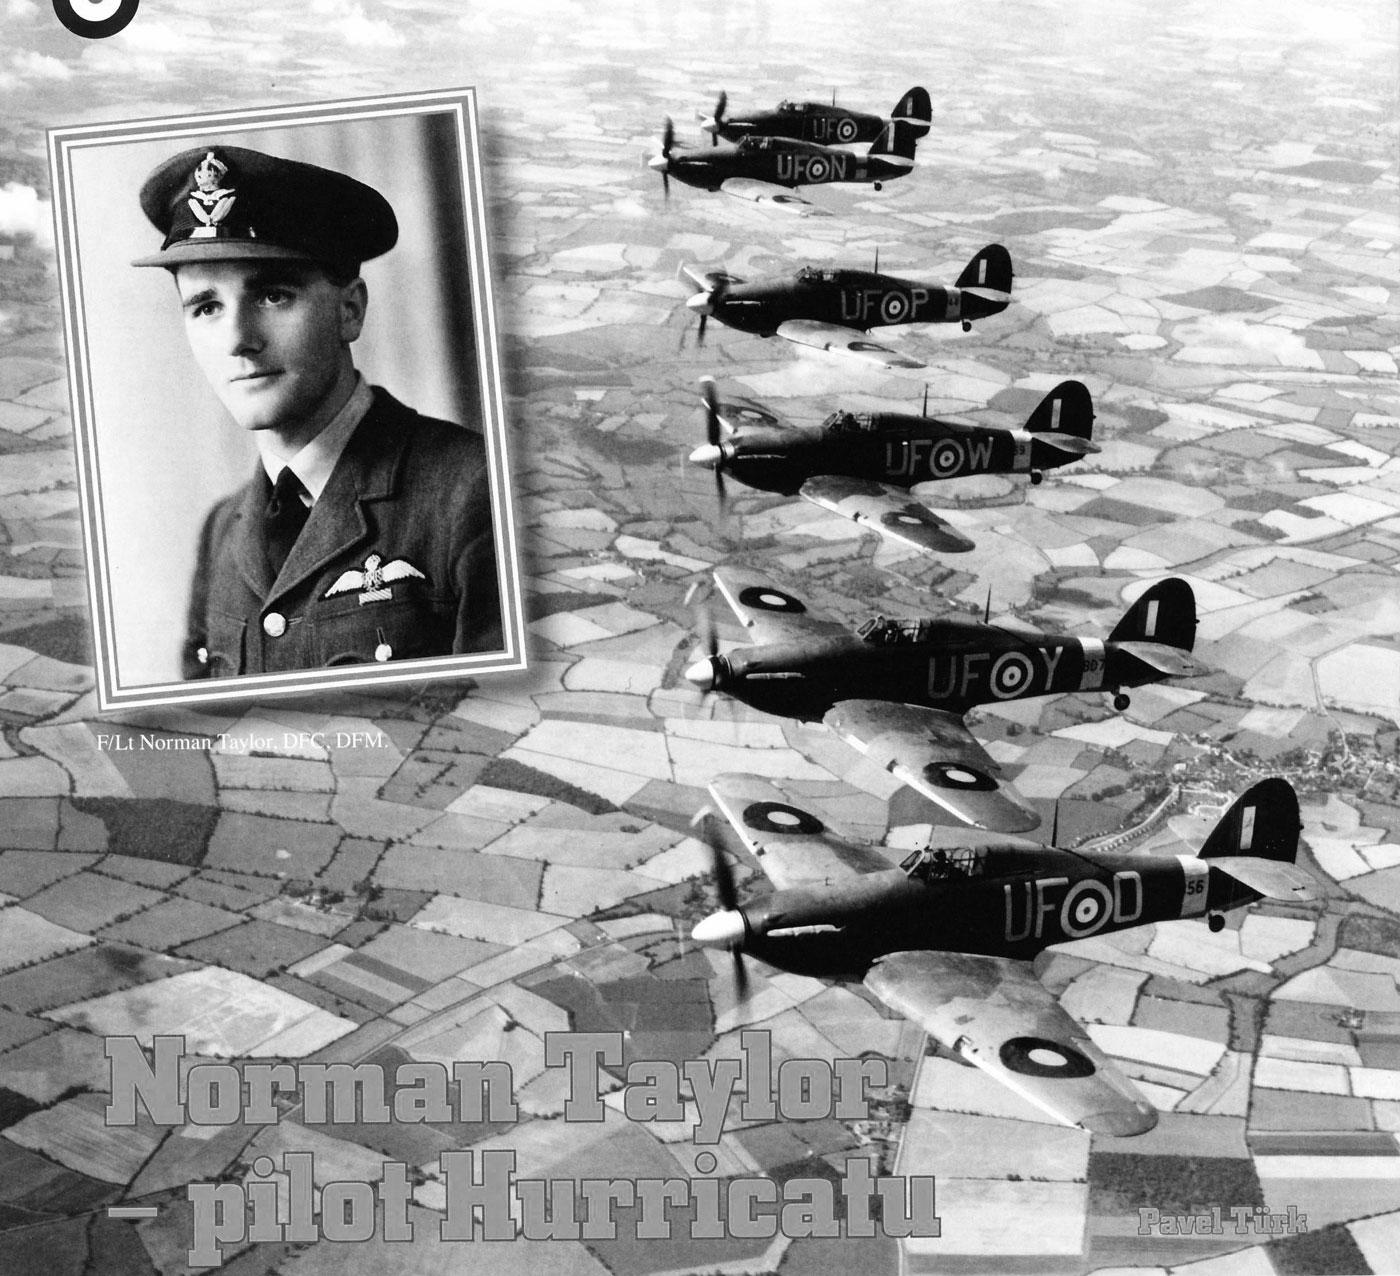 Hurricane IIb RAF 601Sqn UFO Z3356, UFY BD711, UFP Z3244 UFW and UFN in formation 1941 IWM